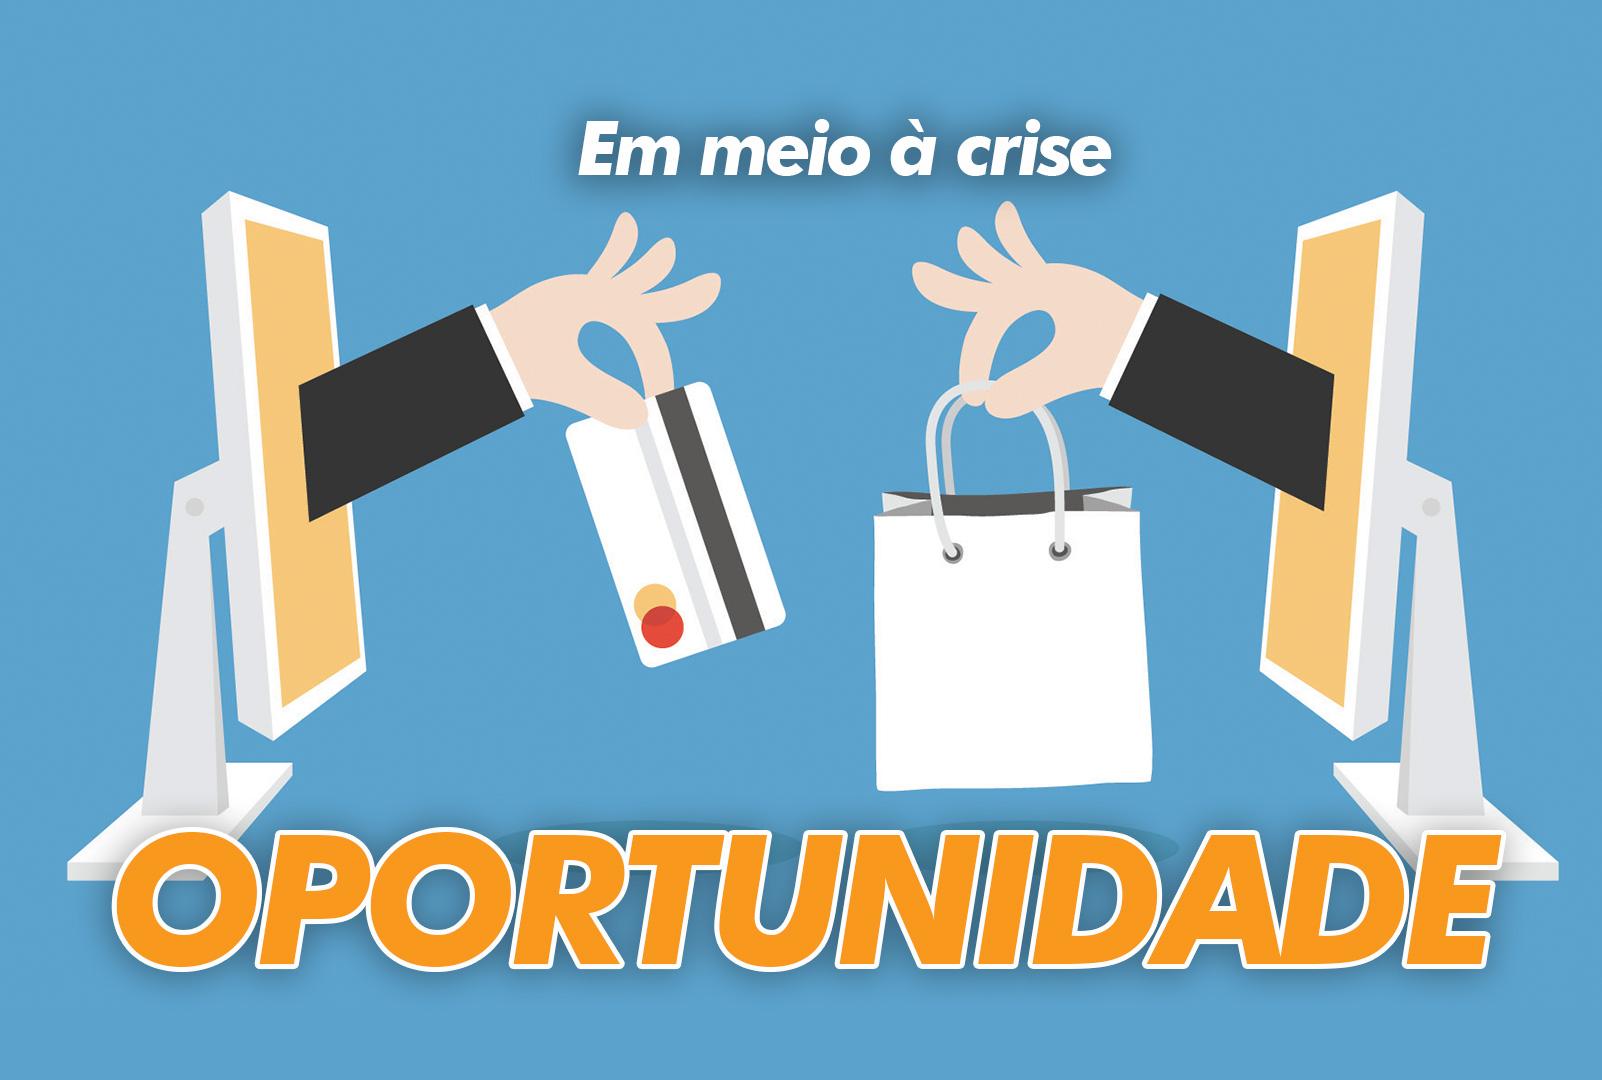 https://ouseweb.com.br/2020/05/14/oportunidade-na-crise-loja-virtual-e-saida-para-manter-os-negocios/